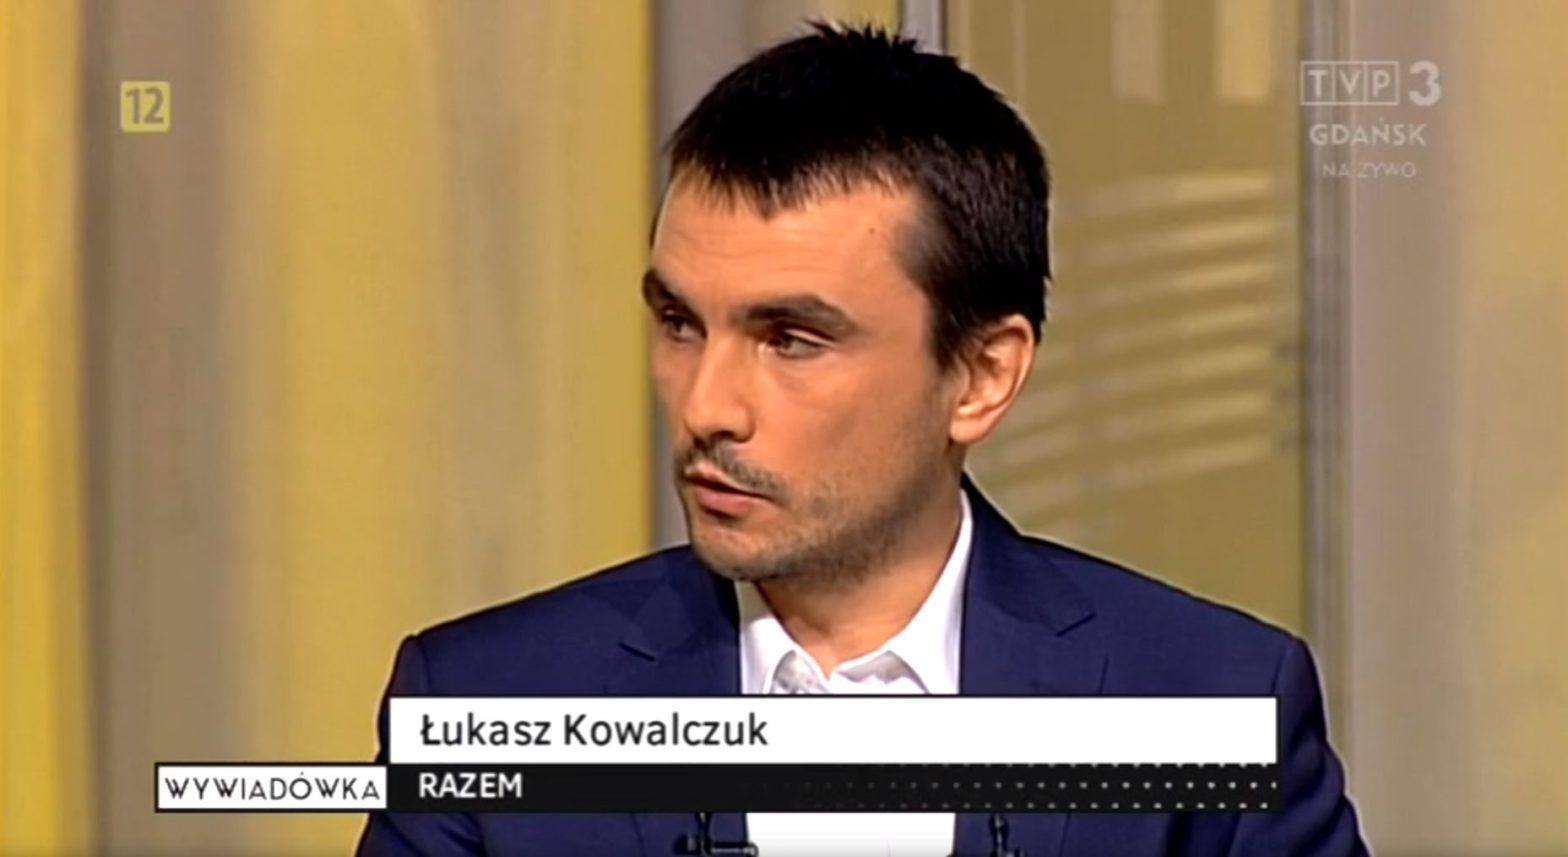 Próbowałem wczoraj być lewicowym głosem w TVP Gdańsk, w programie Małgorzaty Rak